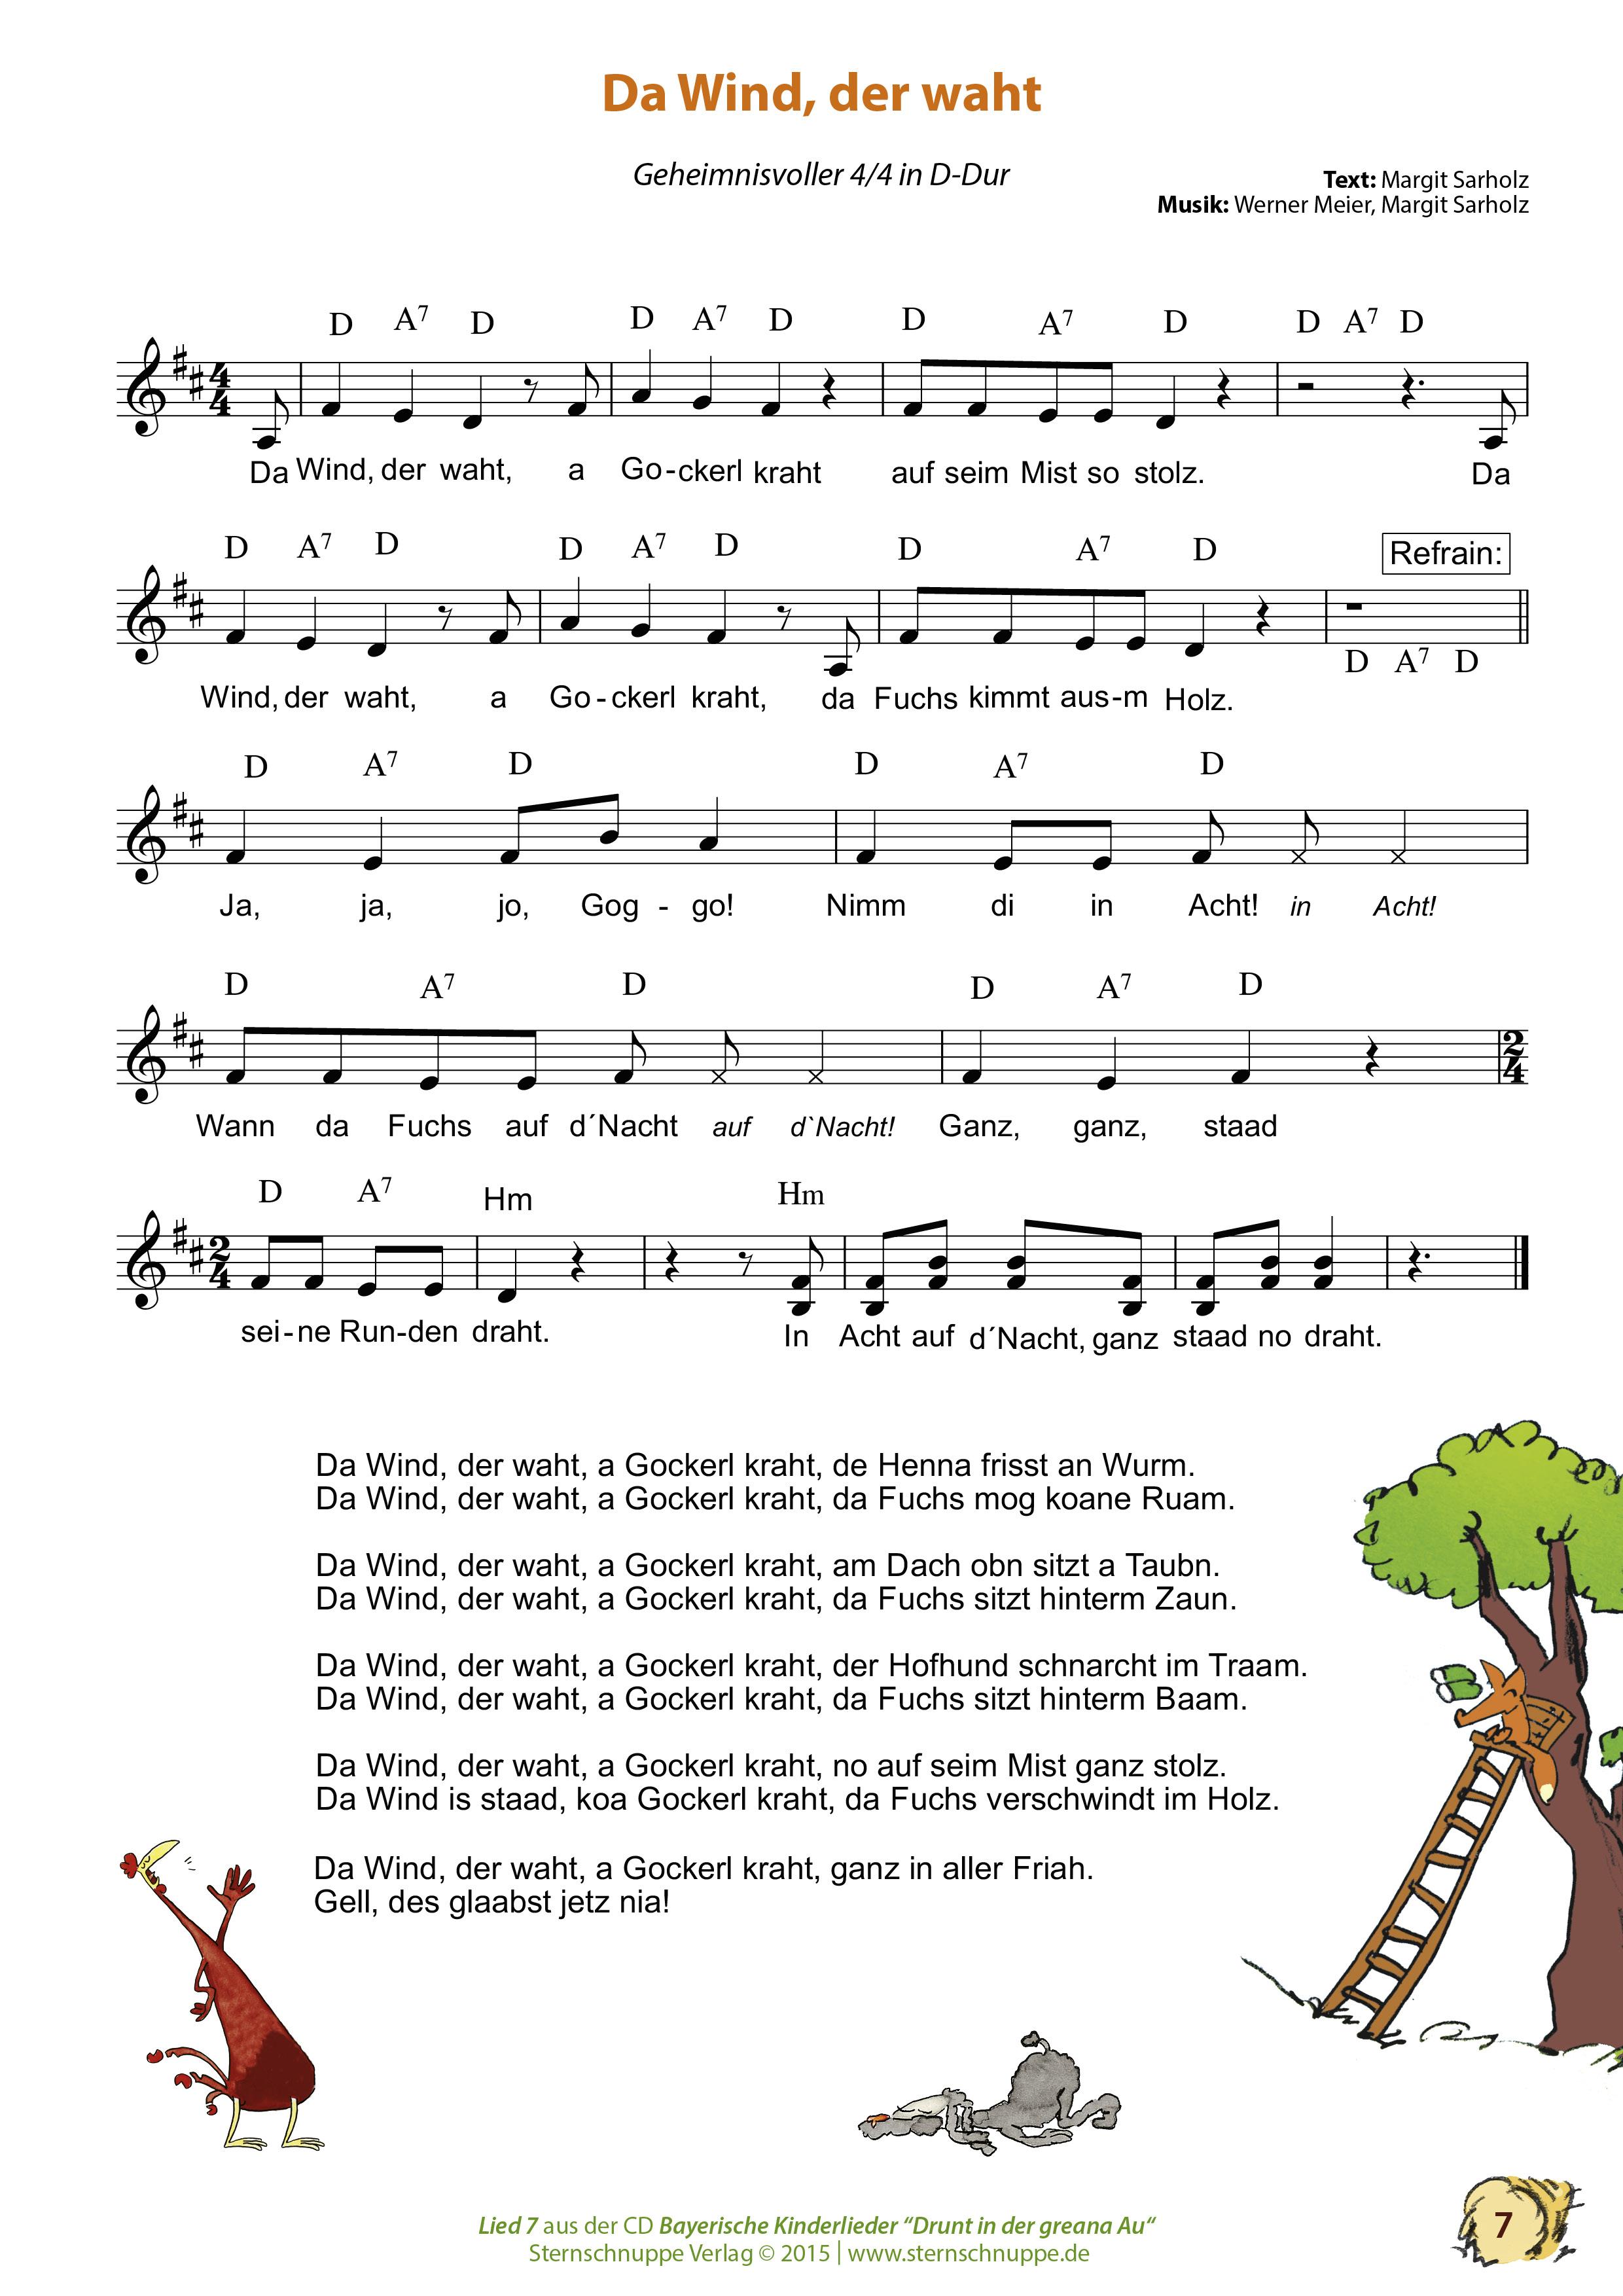 Da Wind, der waht - Kinderlieder Texte und Noten